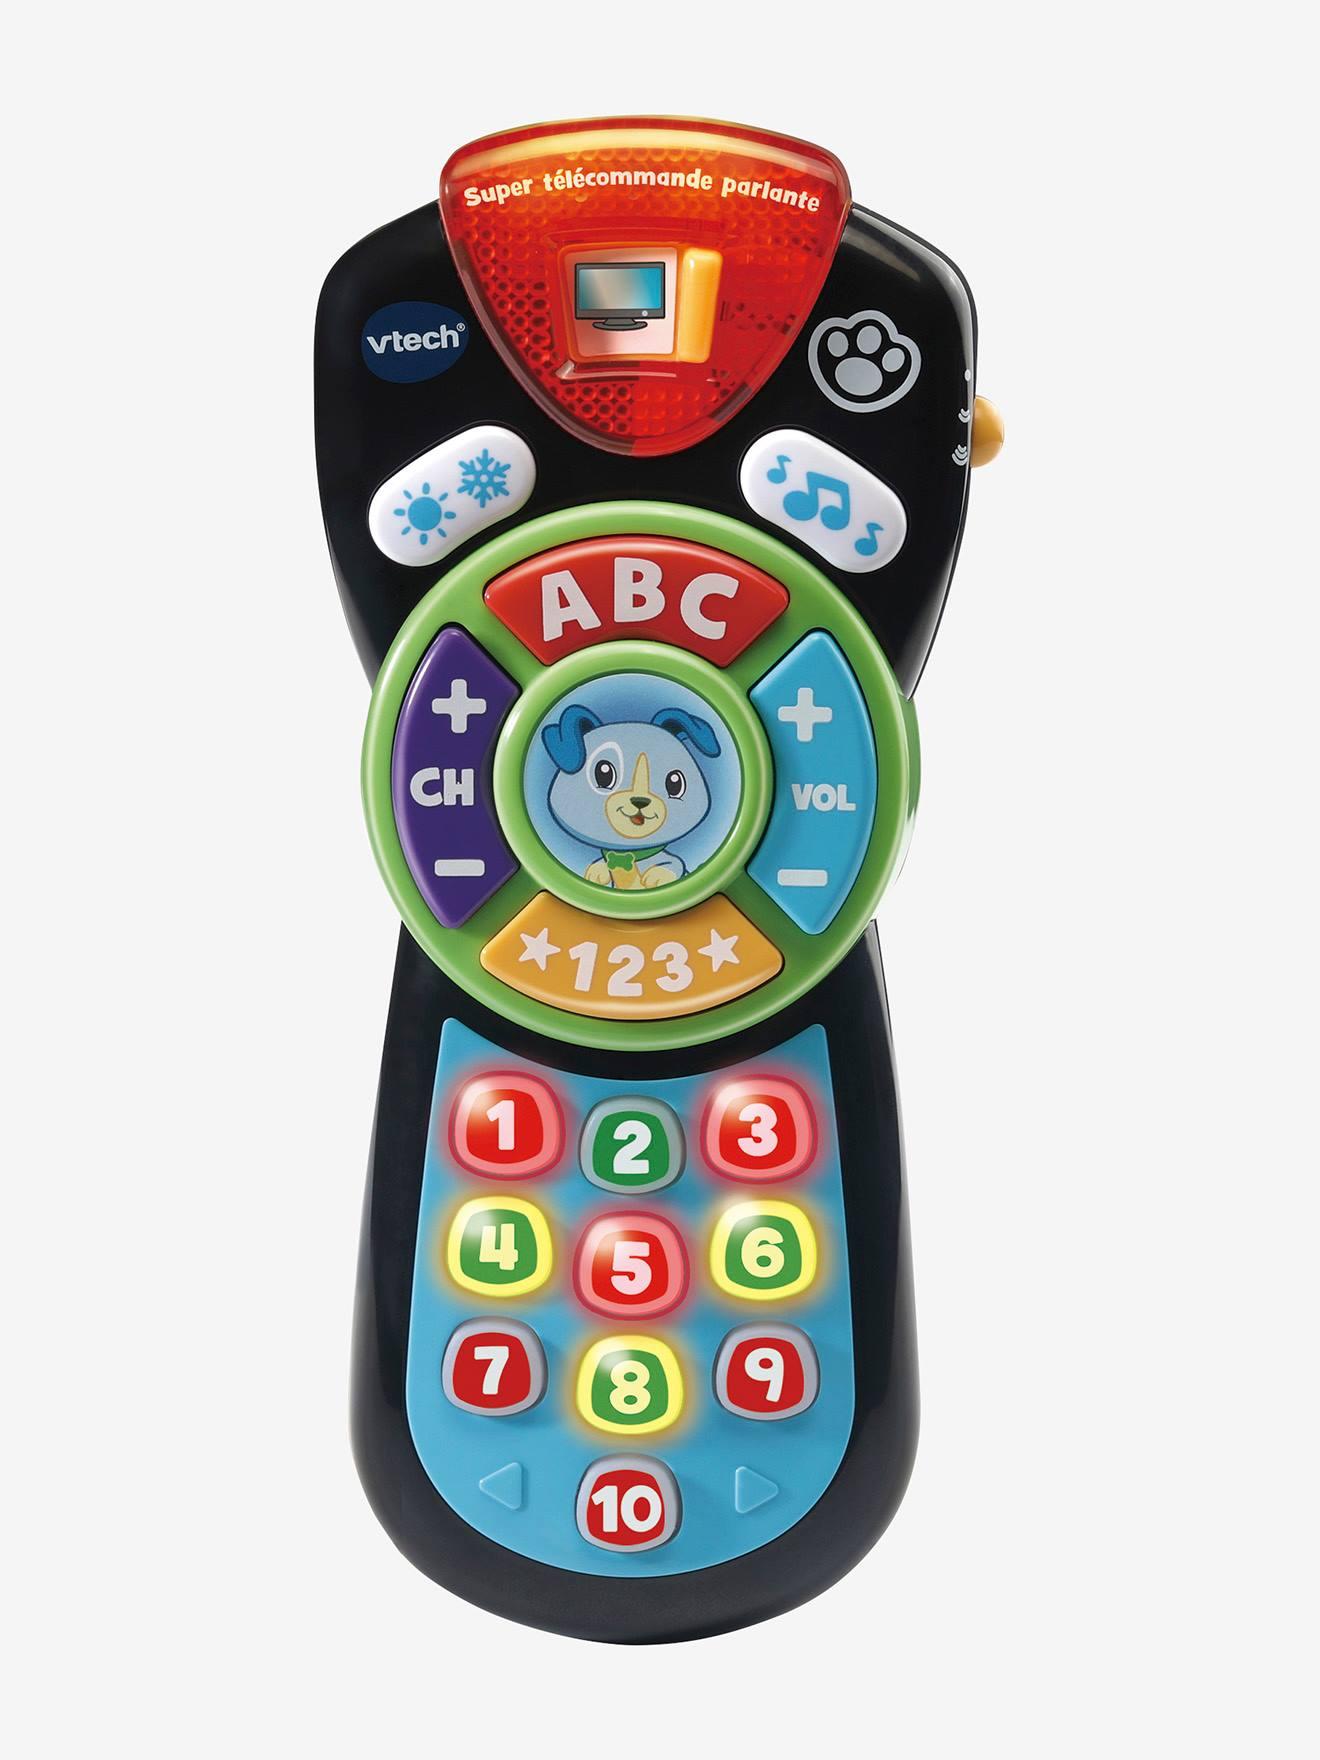 Super télécommande parlante VTECH multicolore